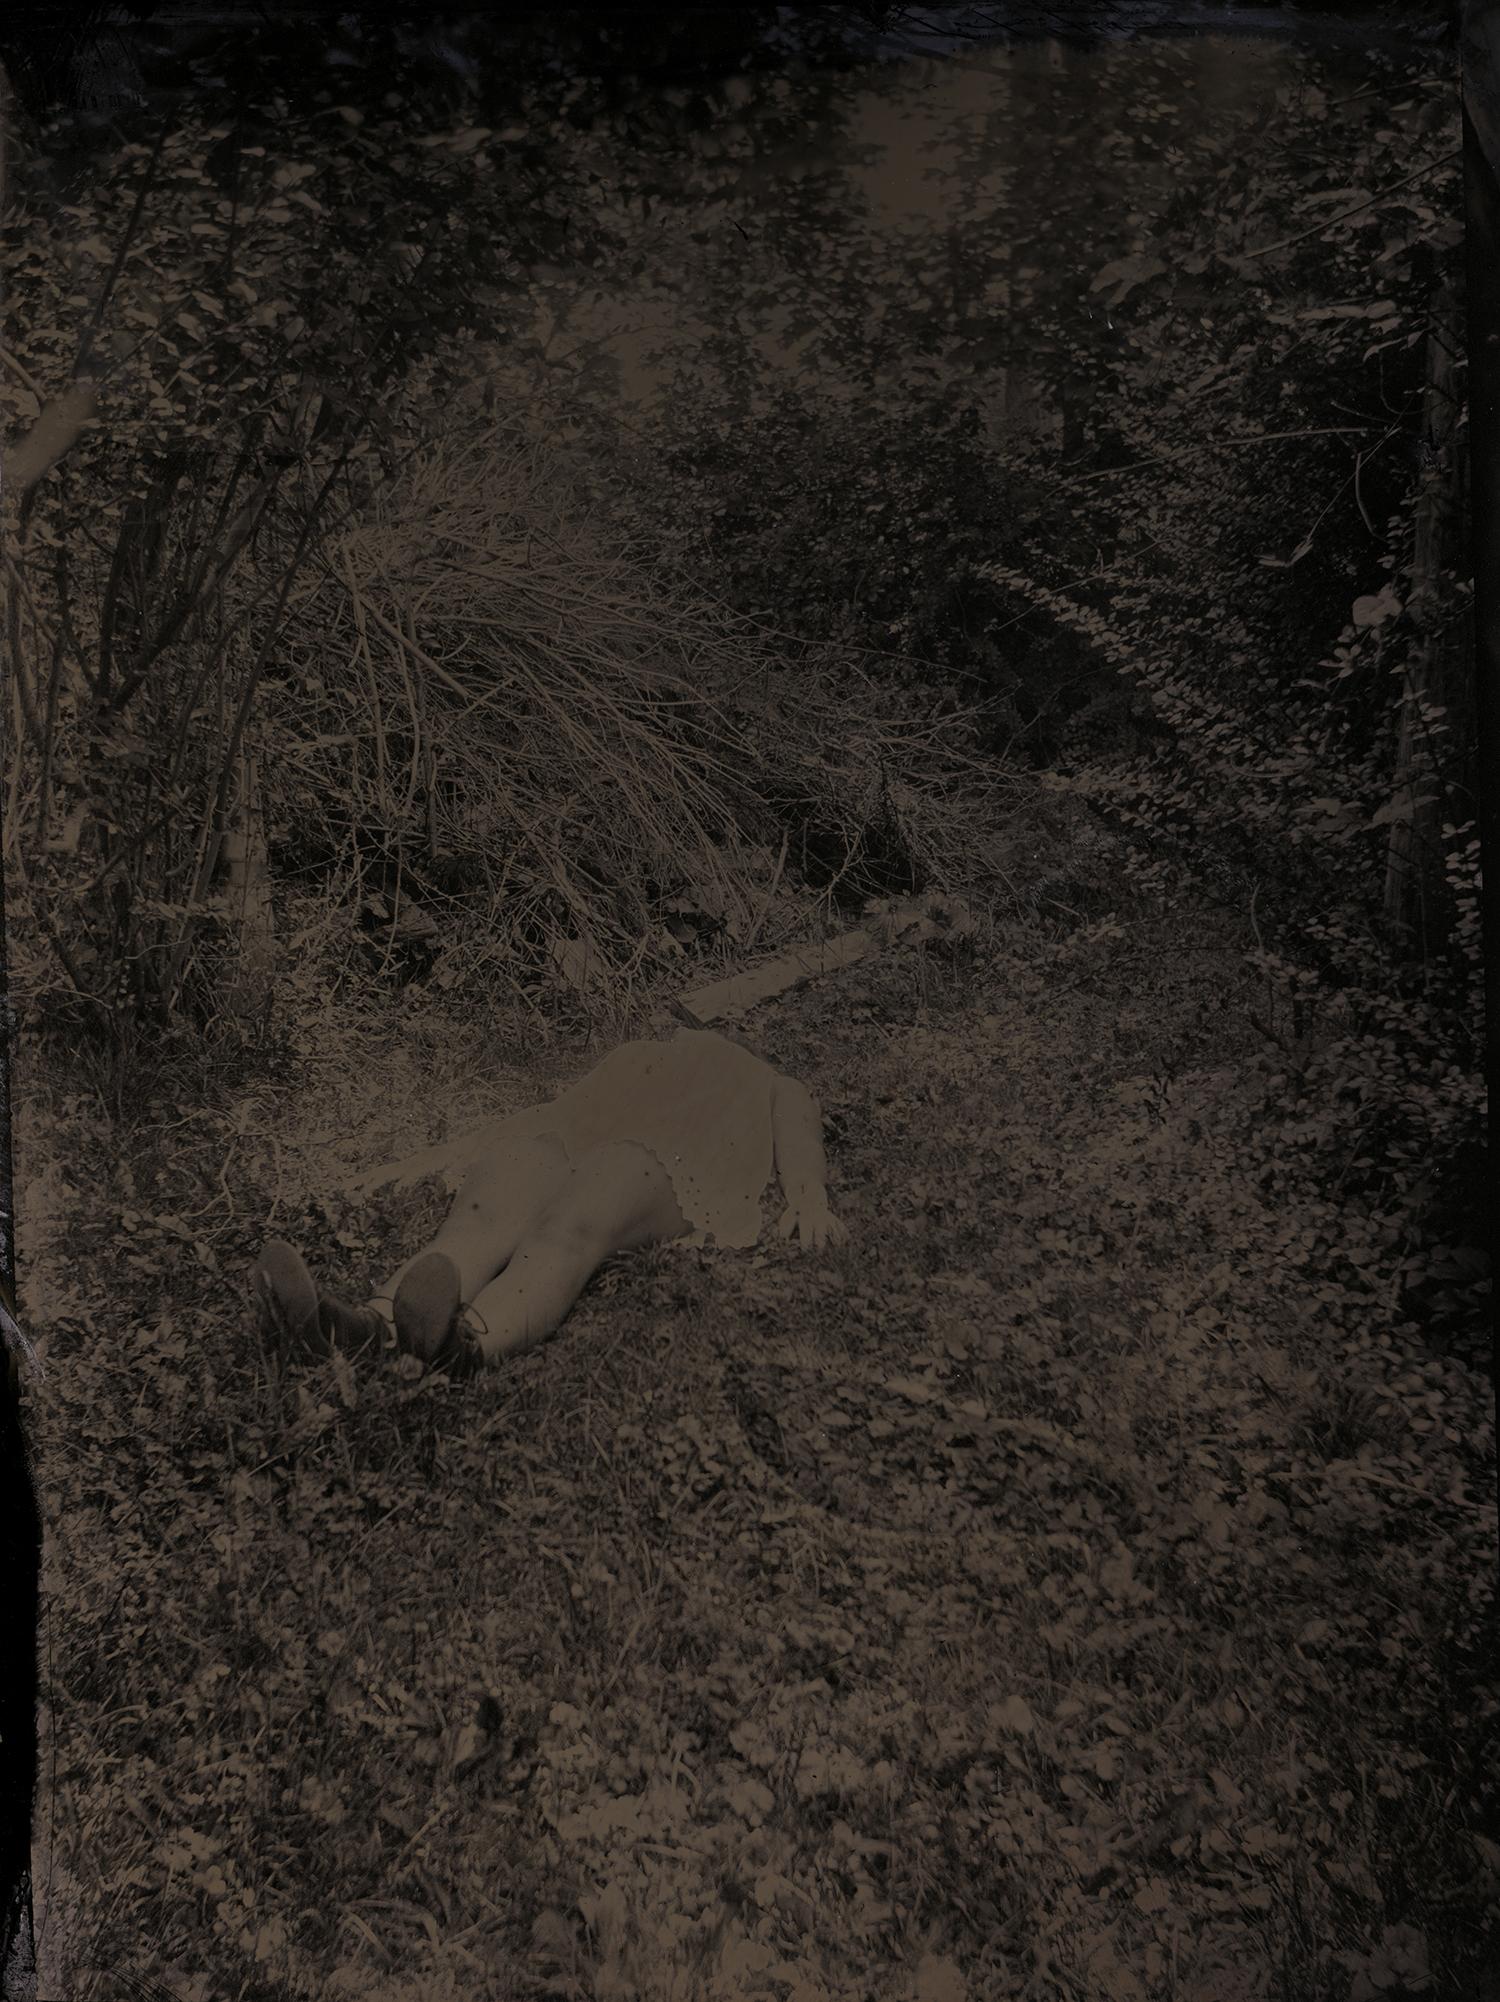 Dana-Schmerzler-tintype-self-portrait-7.jpg